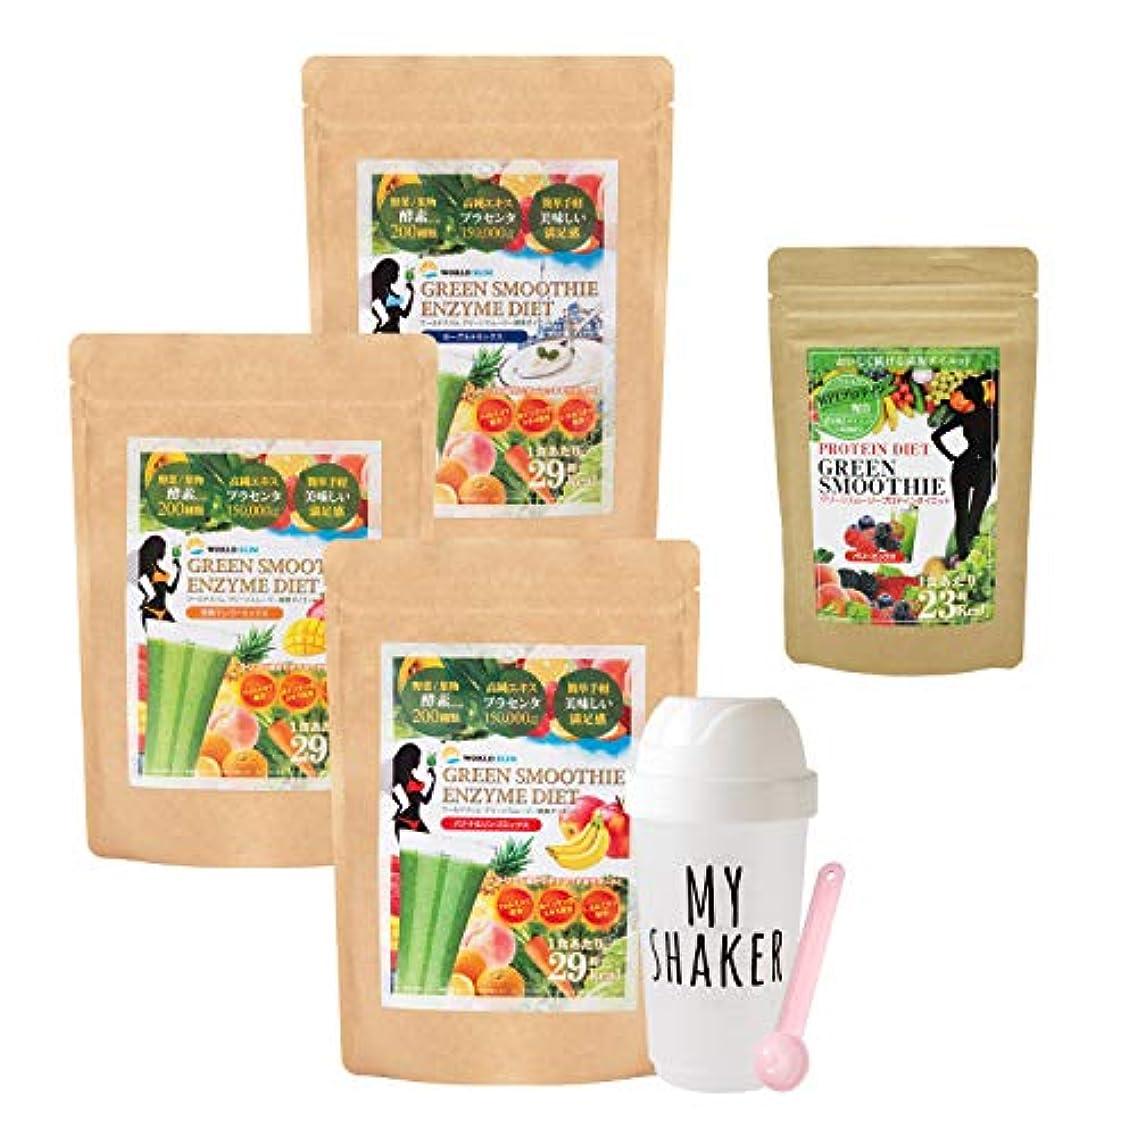 近代化するポジション誇張する【選べるグリーンスムージー3個セット】ワールドスリムグリーンスムージー酵素ダイエット3袋セット World Slim Green Smoothie Enzyme Diet (E.バナナ/ヨーグルト/マンゴー, プロテイングリーンスムージー1袋)